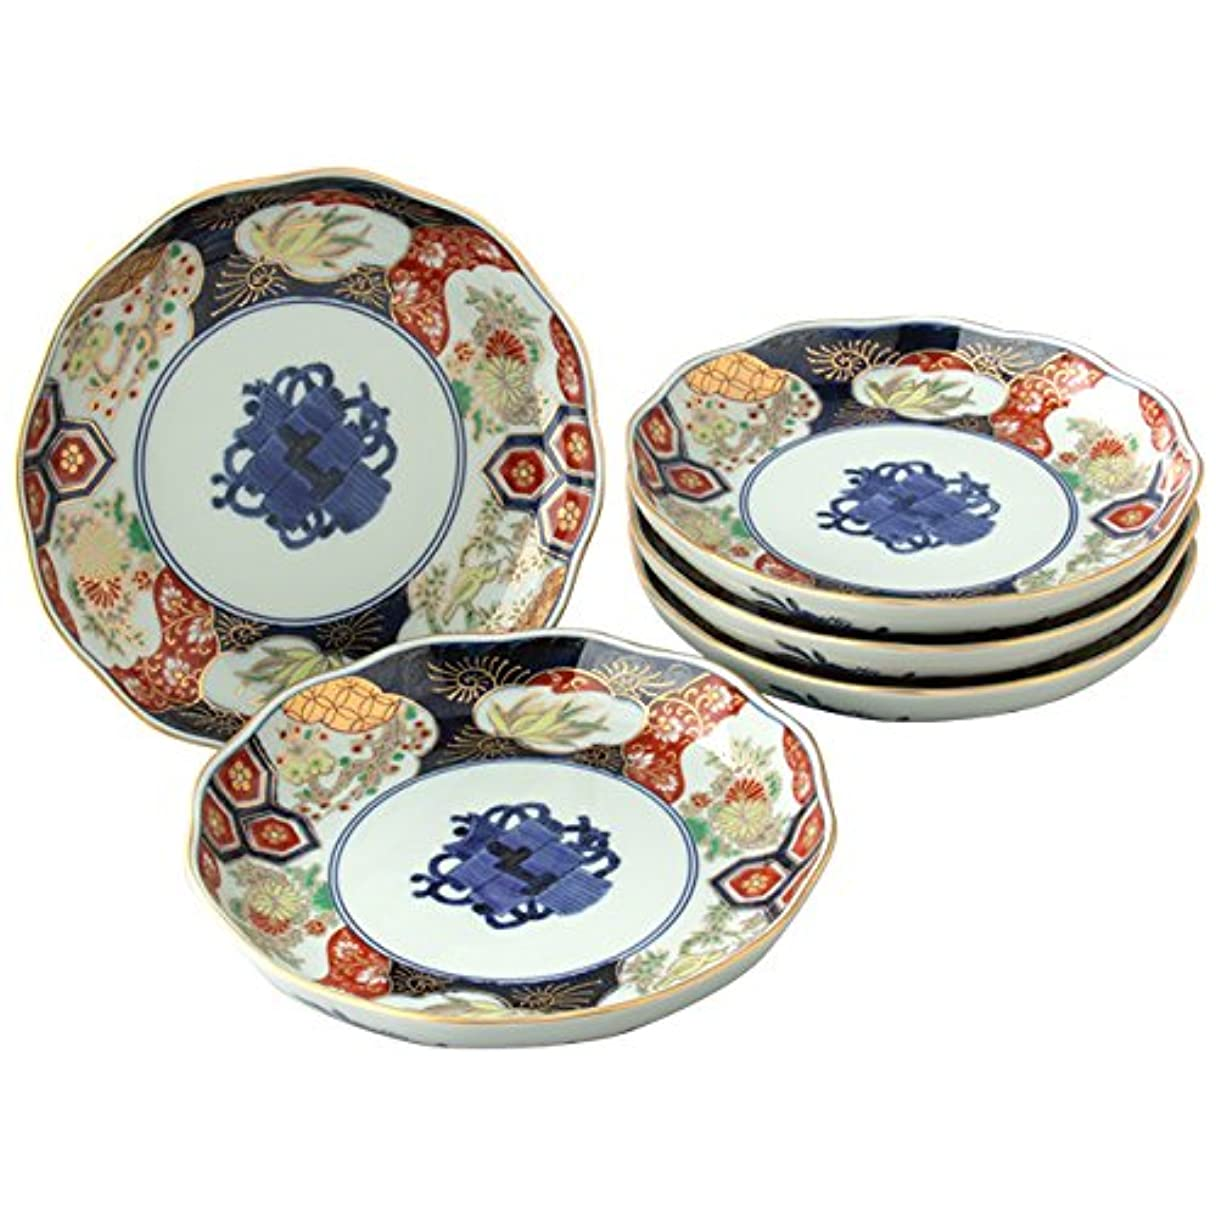 破壊的開いた主要なプレート 皿 : 有田焼 巻物四君子 銘々皿 セット